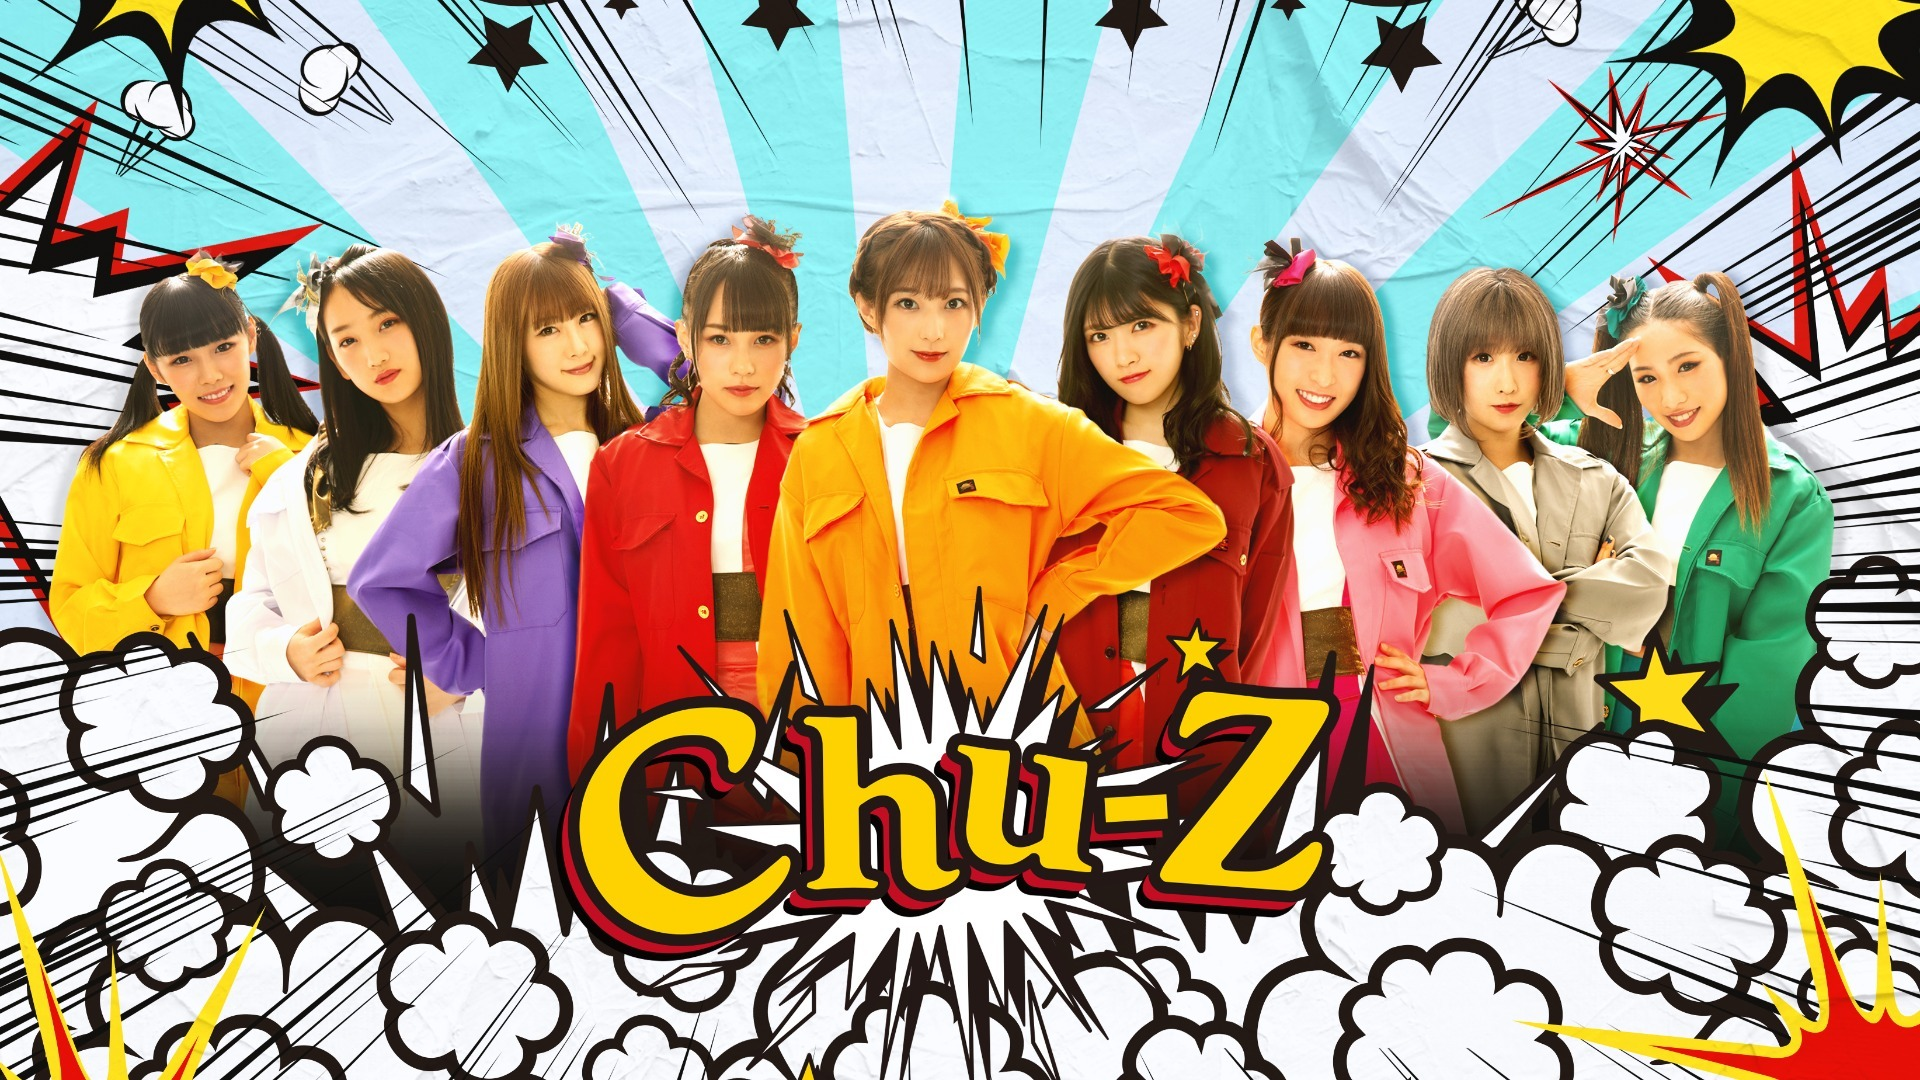 Chu-Z - Chu-Z プレミアムファンクラブ - DMM オンラインサロン